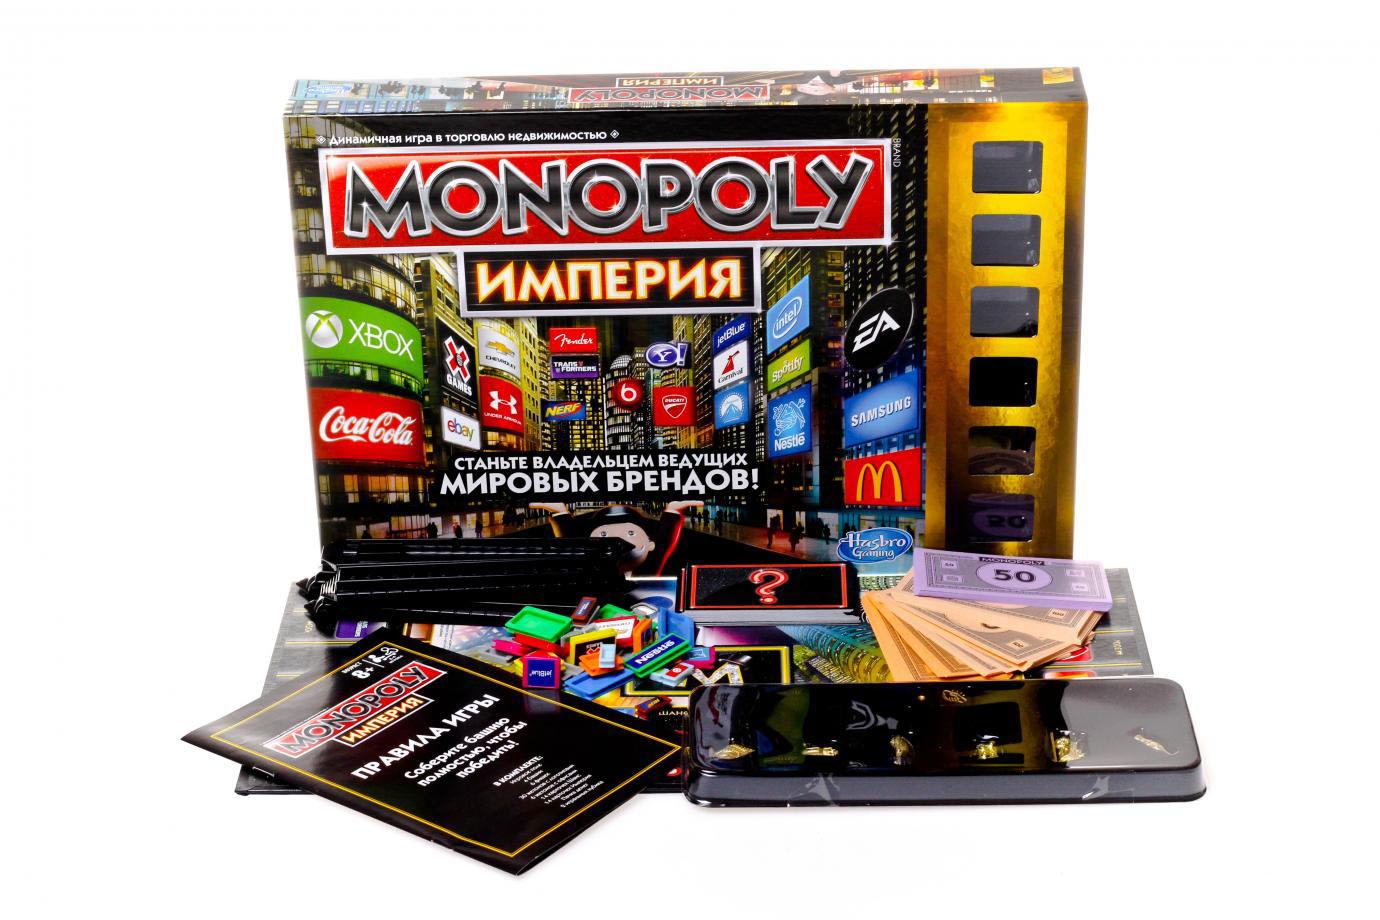 картинки монополии империя притоком кухню